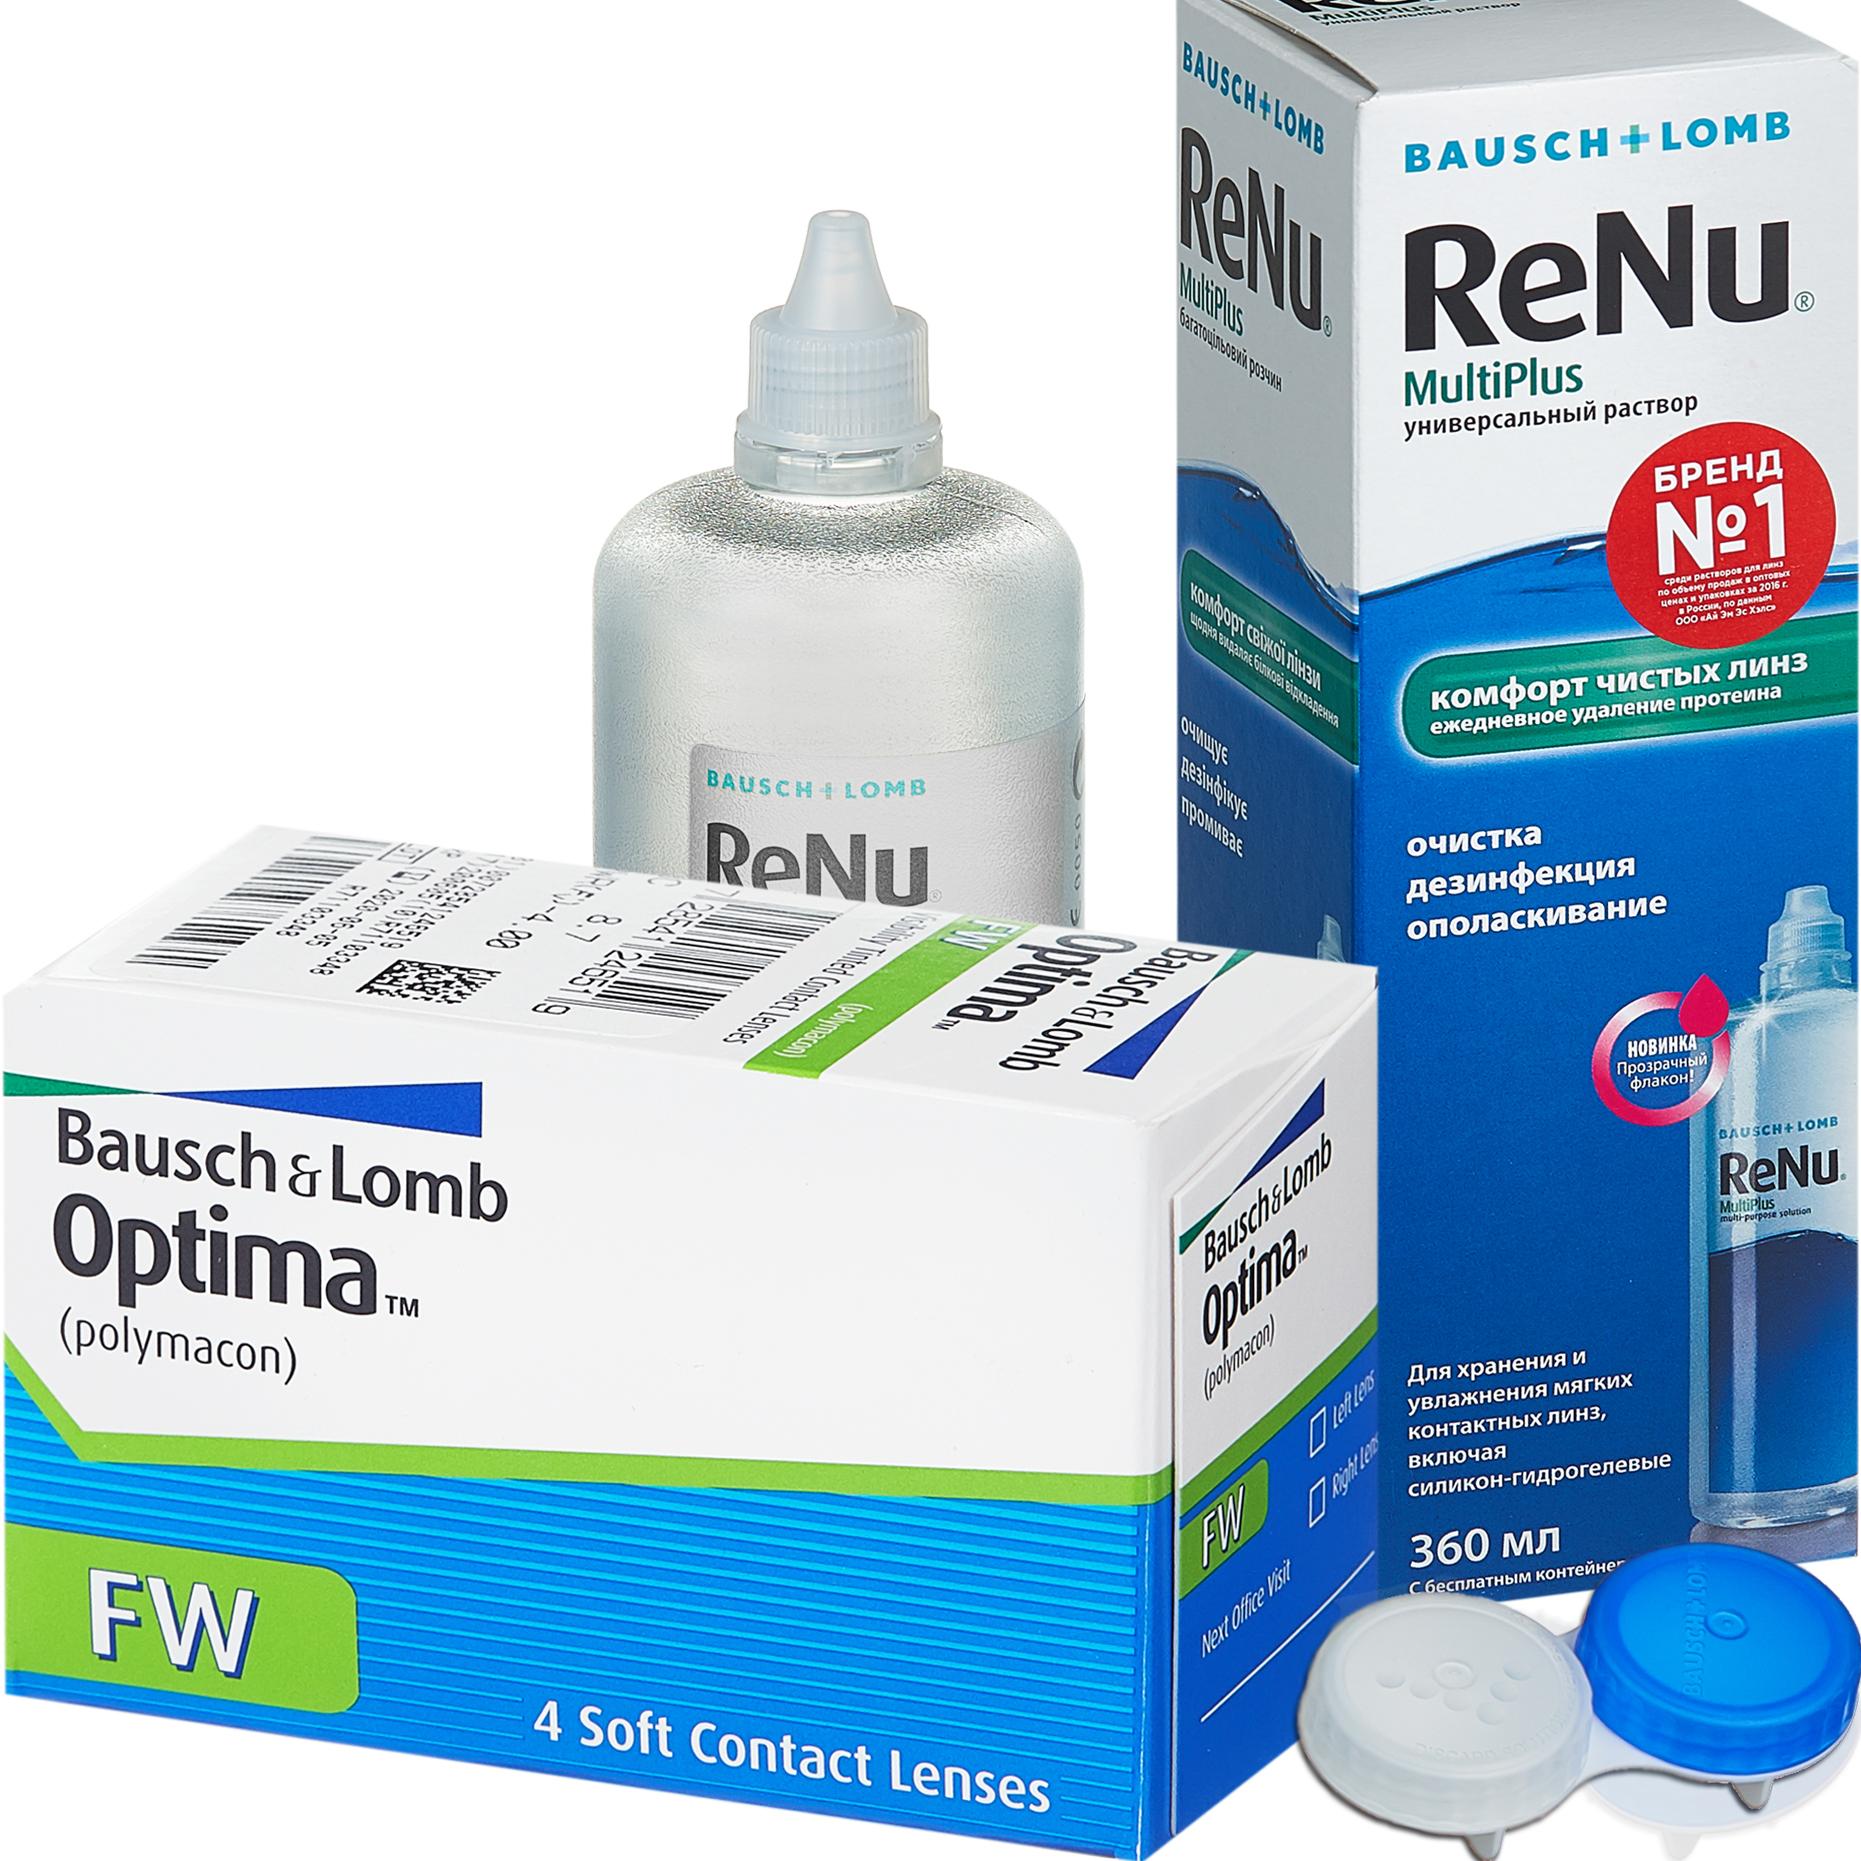 Купить Optima FW 4 линзы + ReNu MultiPlus, Контактные линзы Optima FW 4 линзы R 8.7 -3, 50 + Раствор ReNu Multi Plus 360 мл